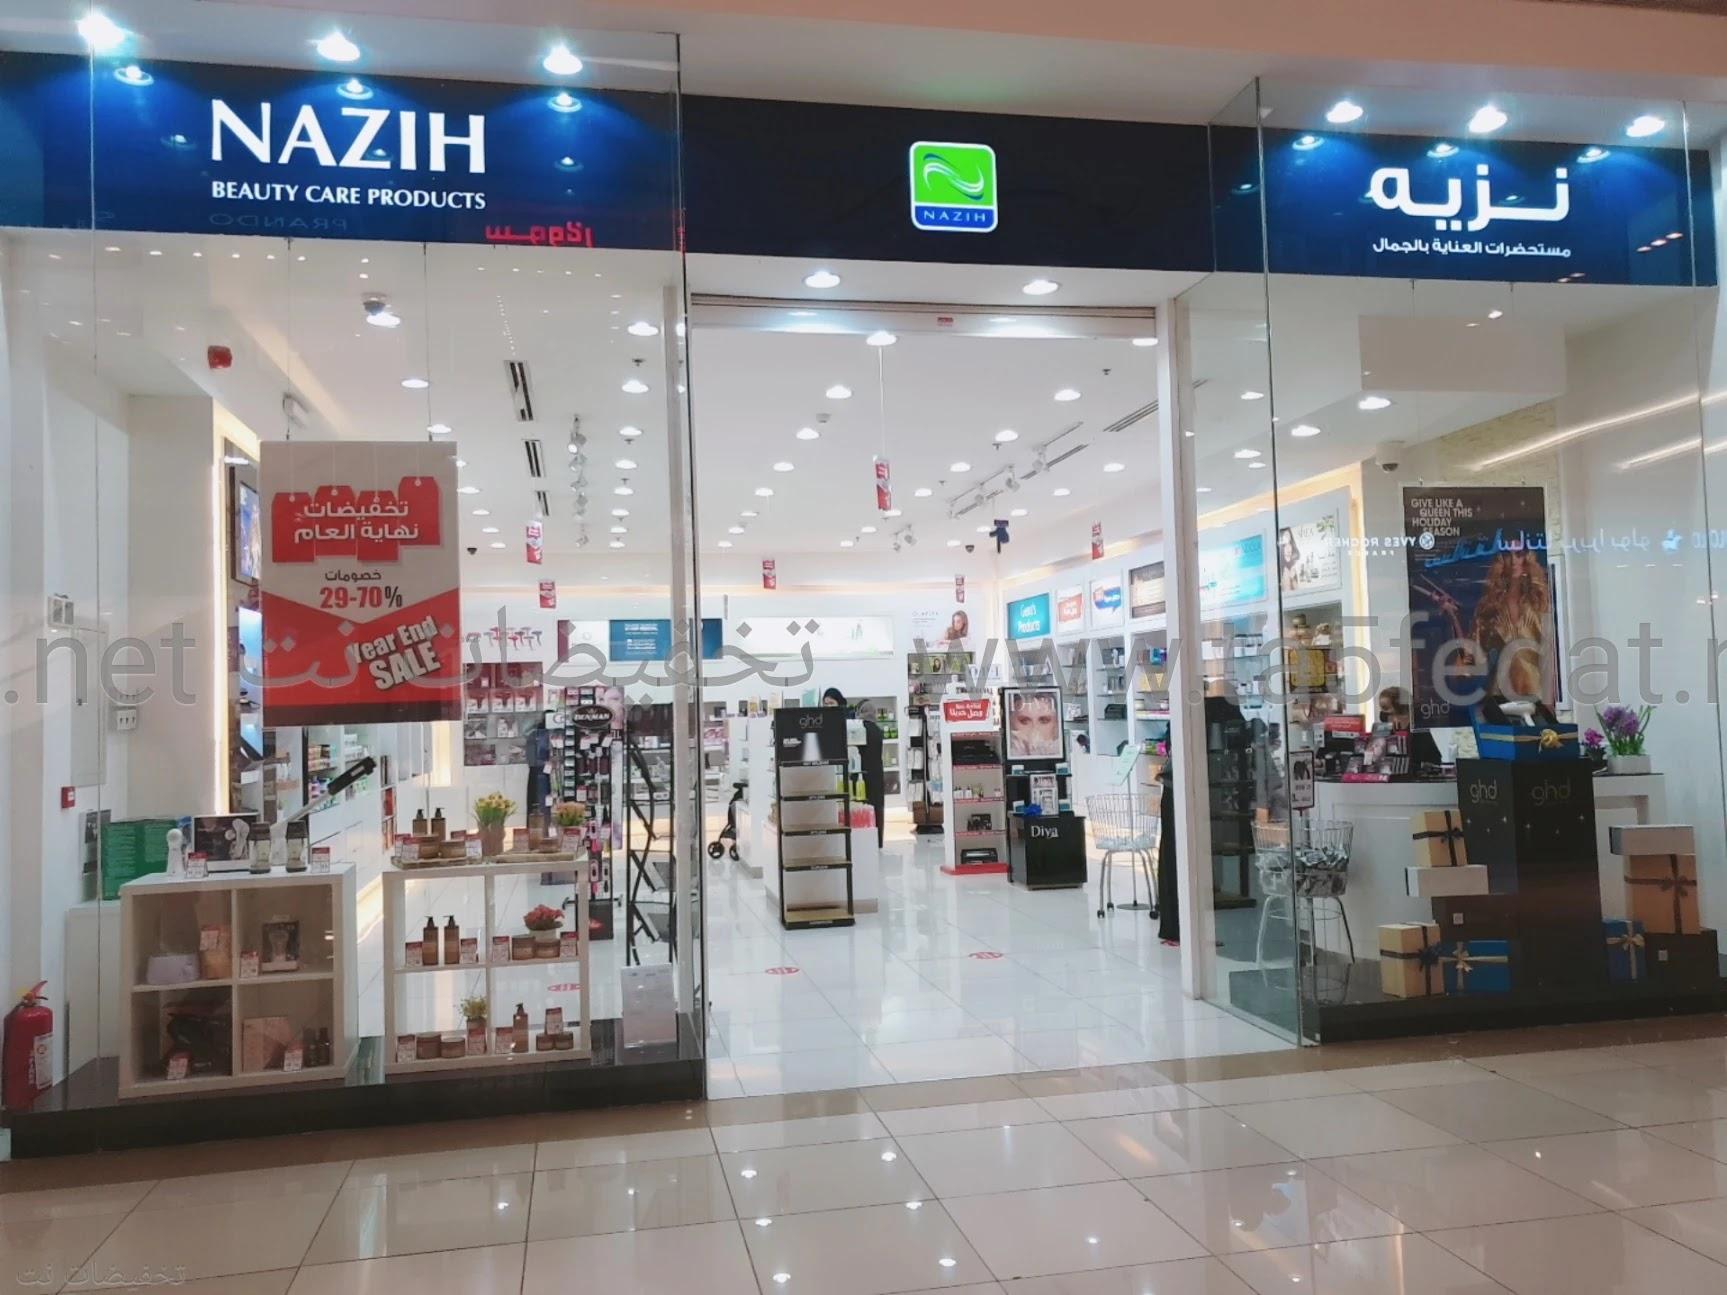 نزيه Nazih